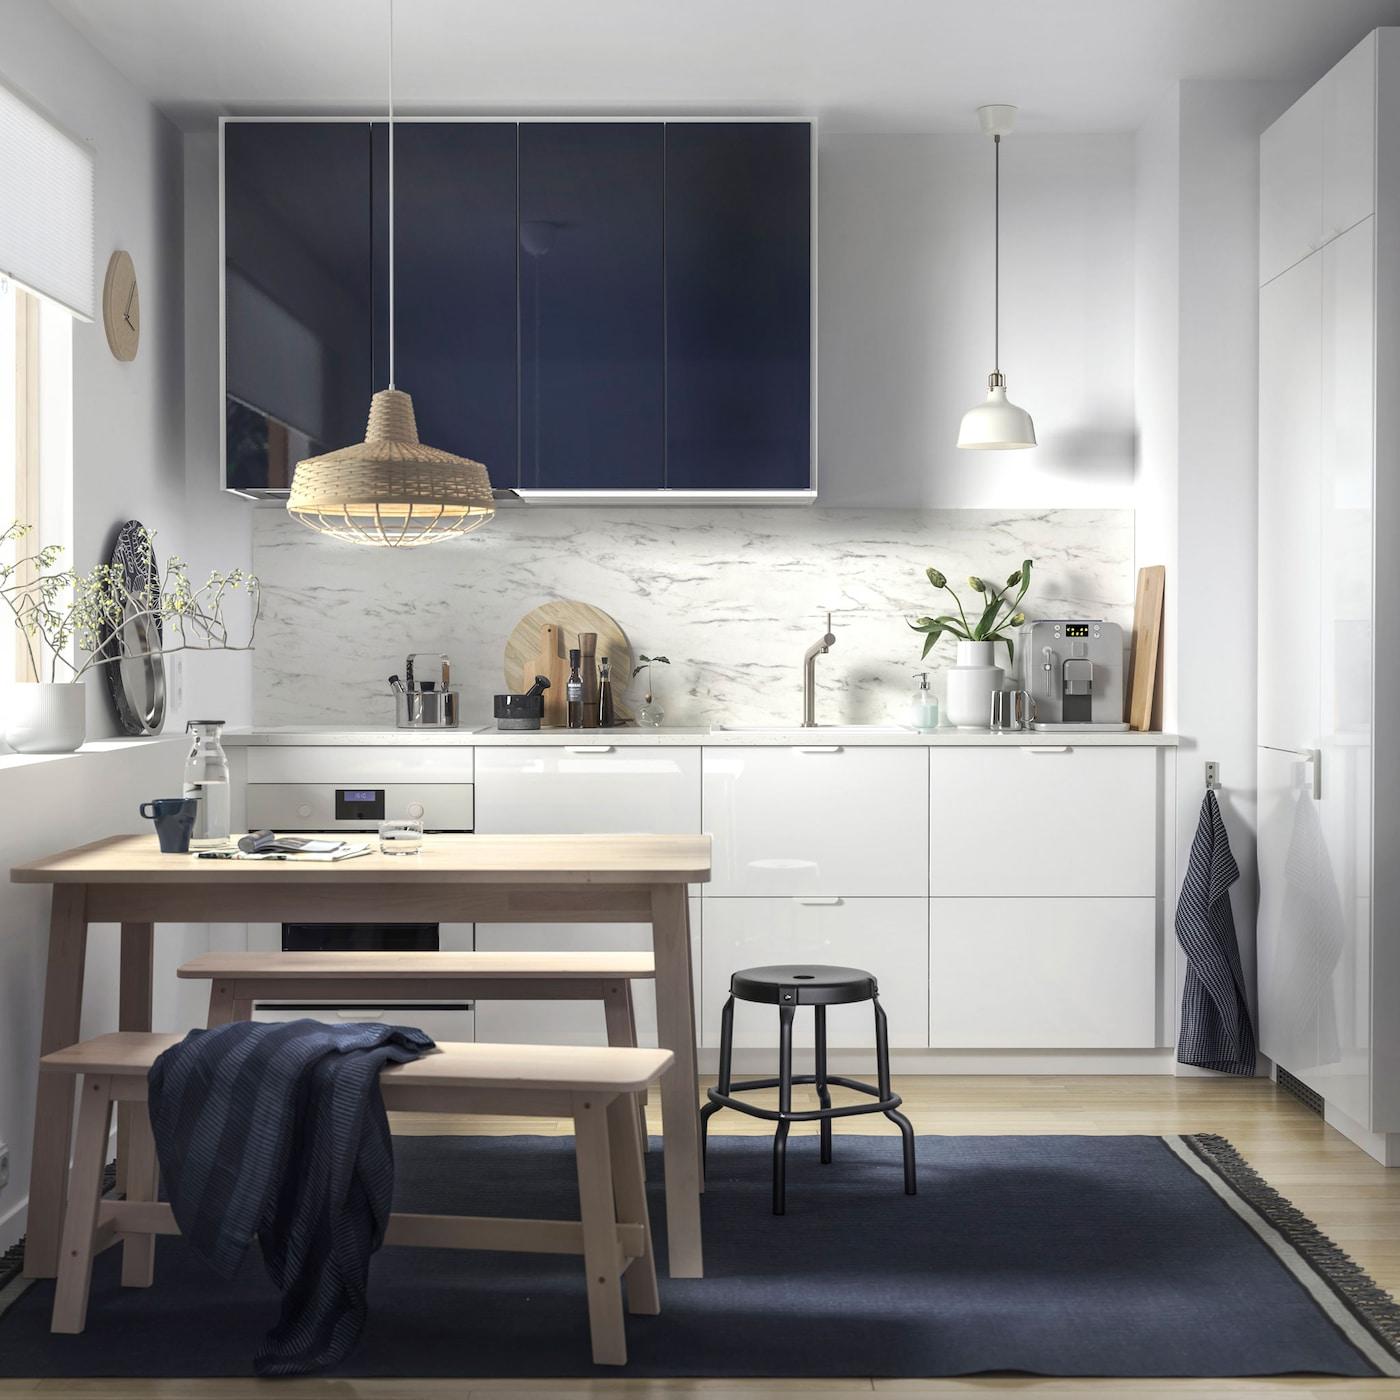 Gavetas RINGHULT e frentes de armário JÄRSTA em azul-preto brilhante ajudam a criar uma sensação de modernidade na mais pequena das cozinhas.